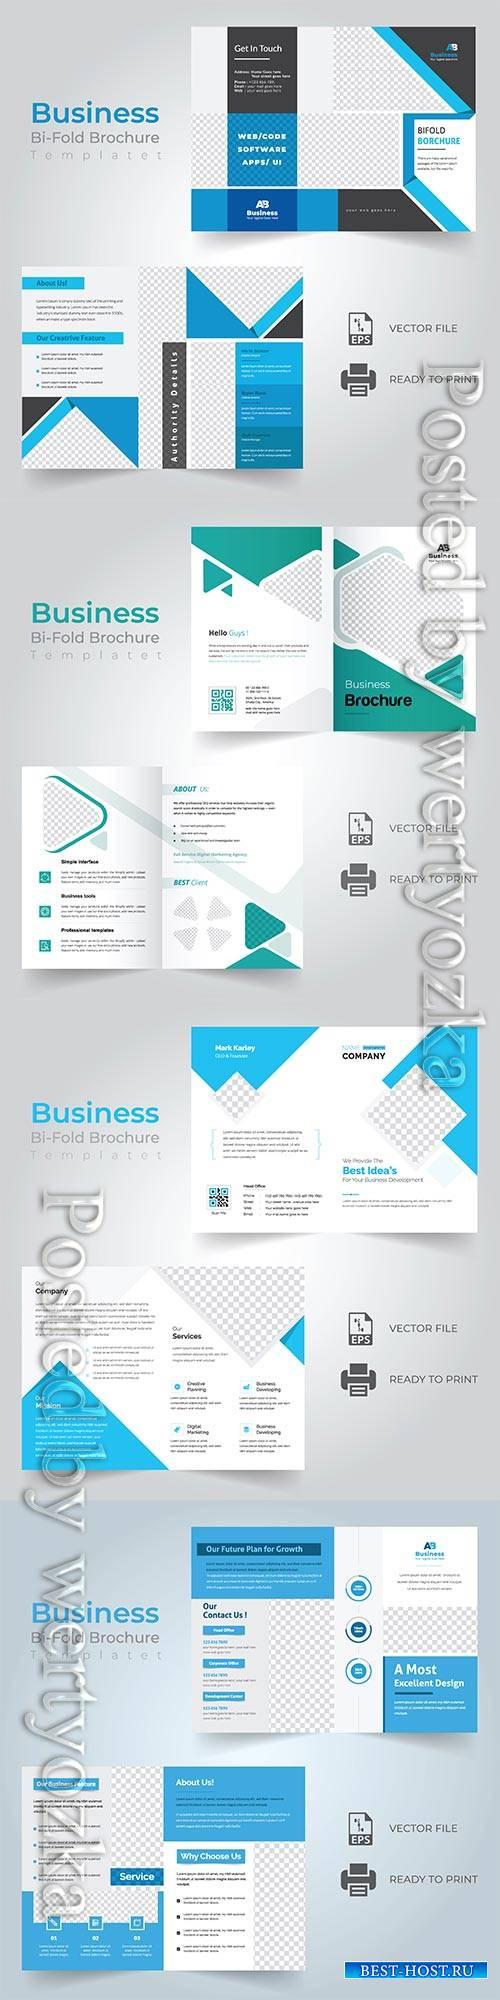 Bi-fold vector brochure template design, corporate business concept